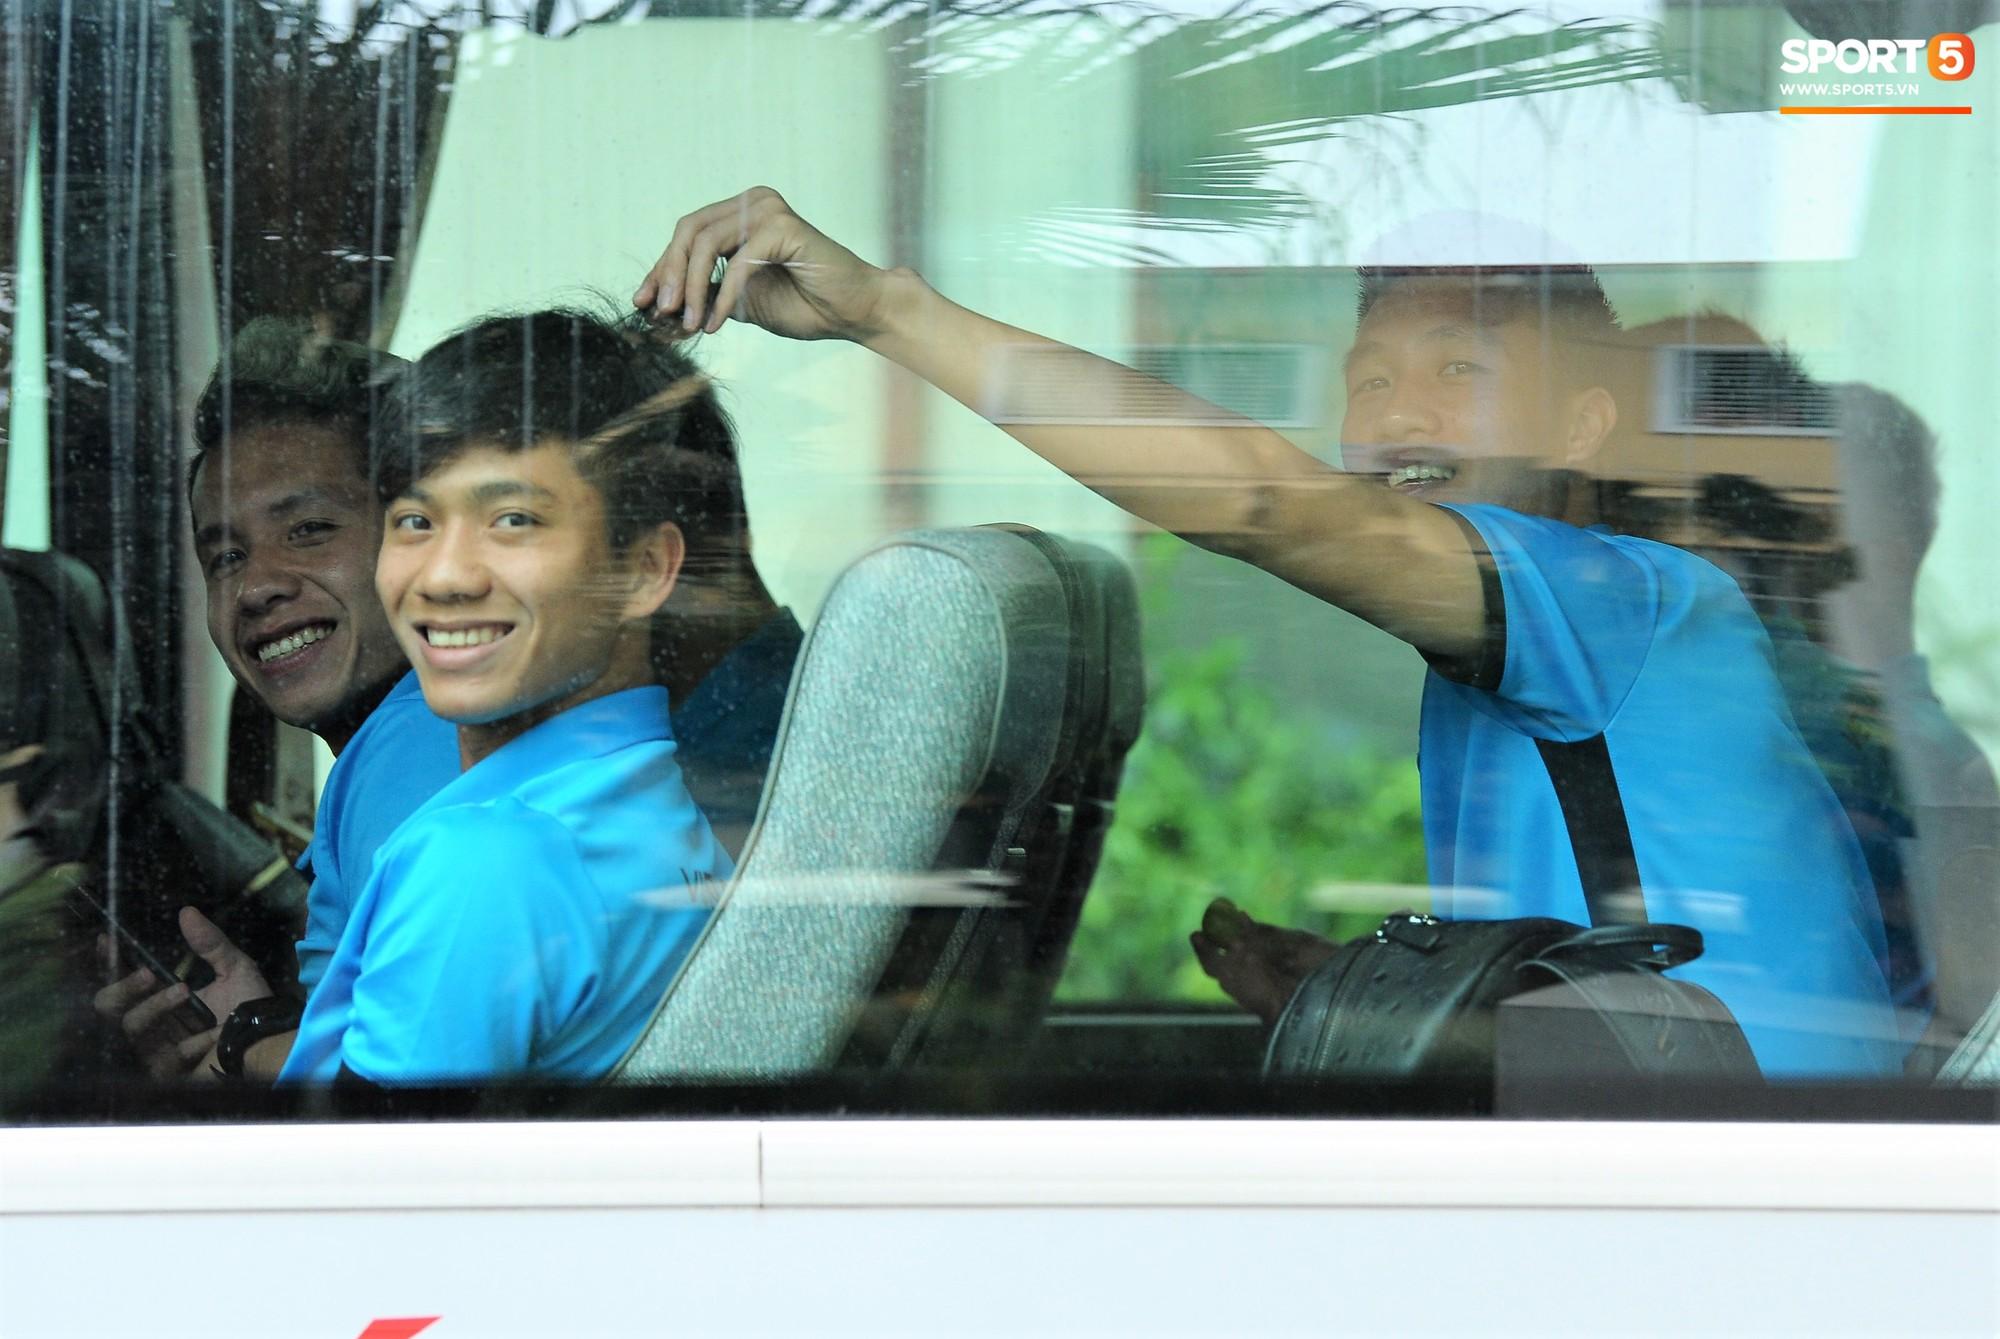 Chung kết AFF Cup 2018: ĐT Việt Nam lên đường sang Malaysia - Ảnh 1.